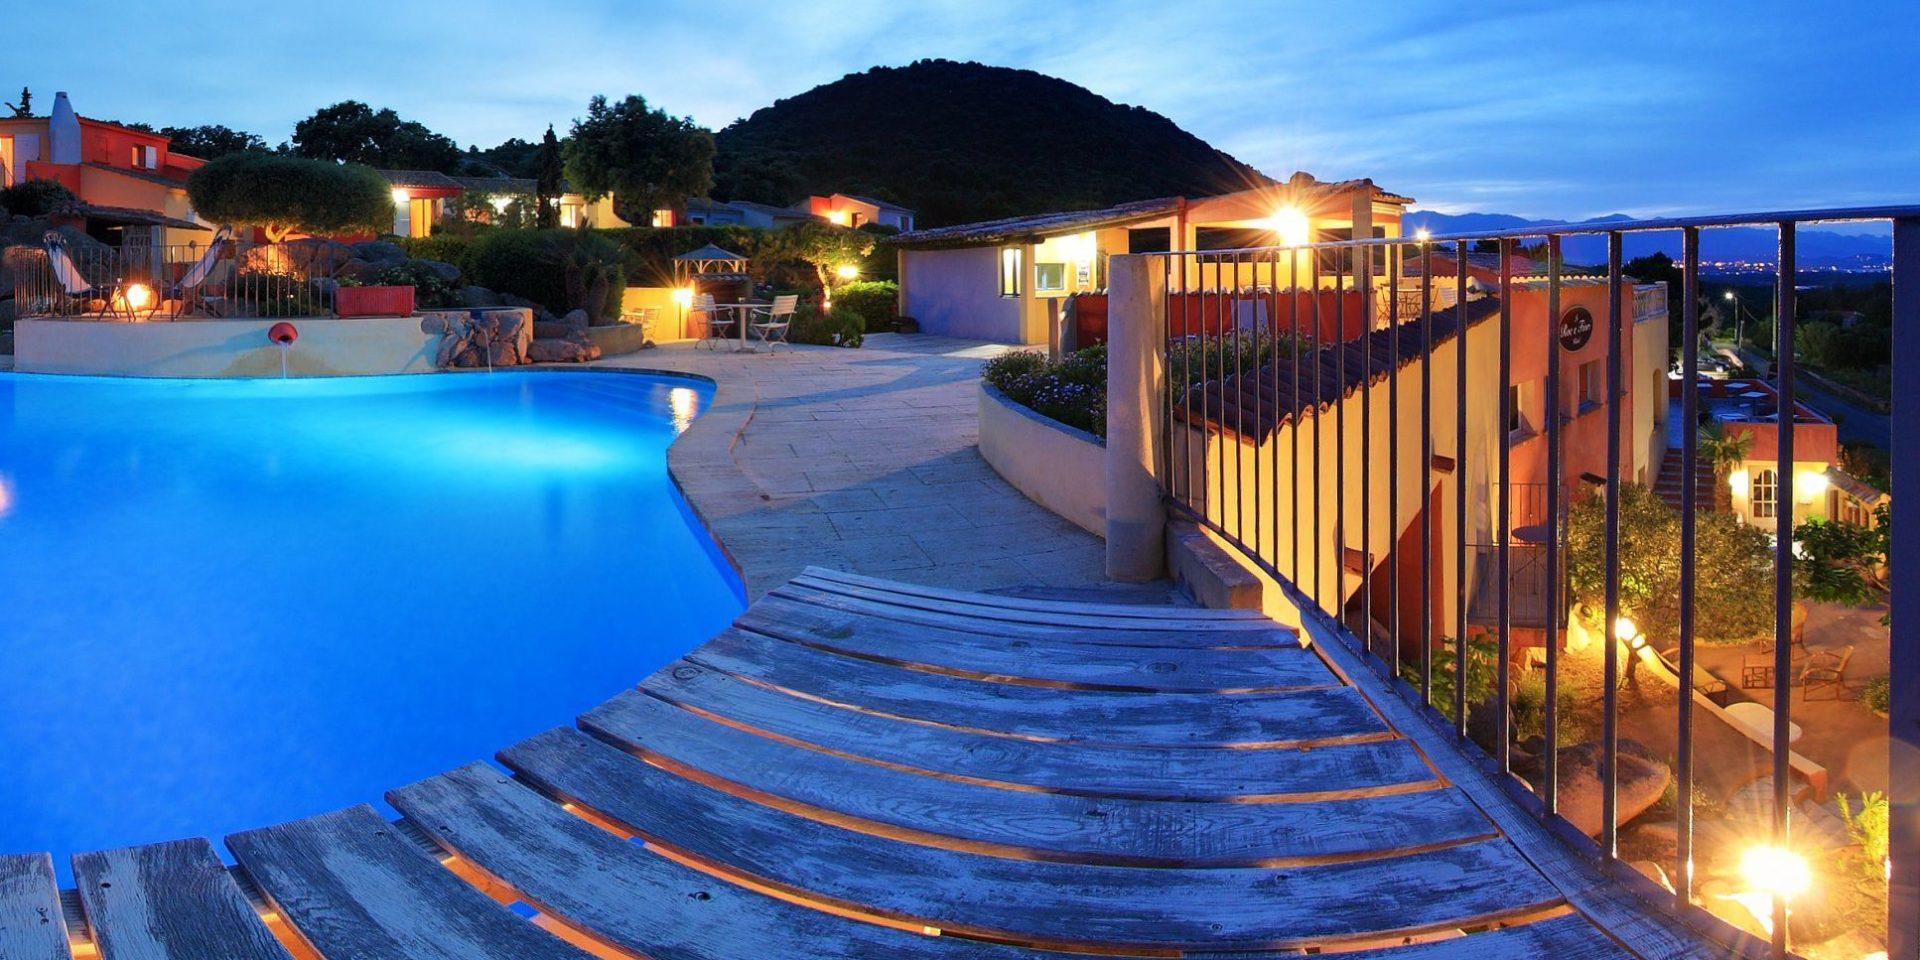 Hotel Le Roc E Fiori Porto-Vecchio Bocca del'Oro Corsica Frankrijk zwembad terras park gebouwen avond verlichting romantisch